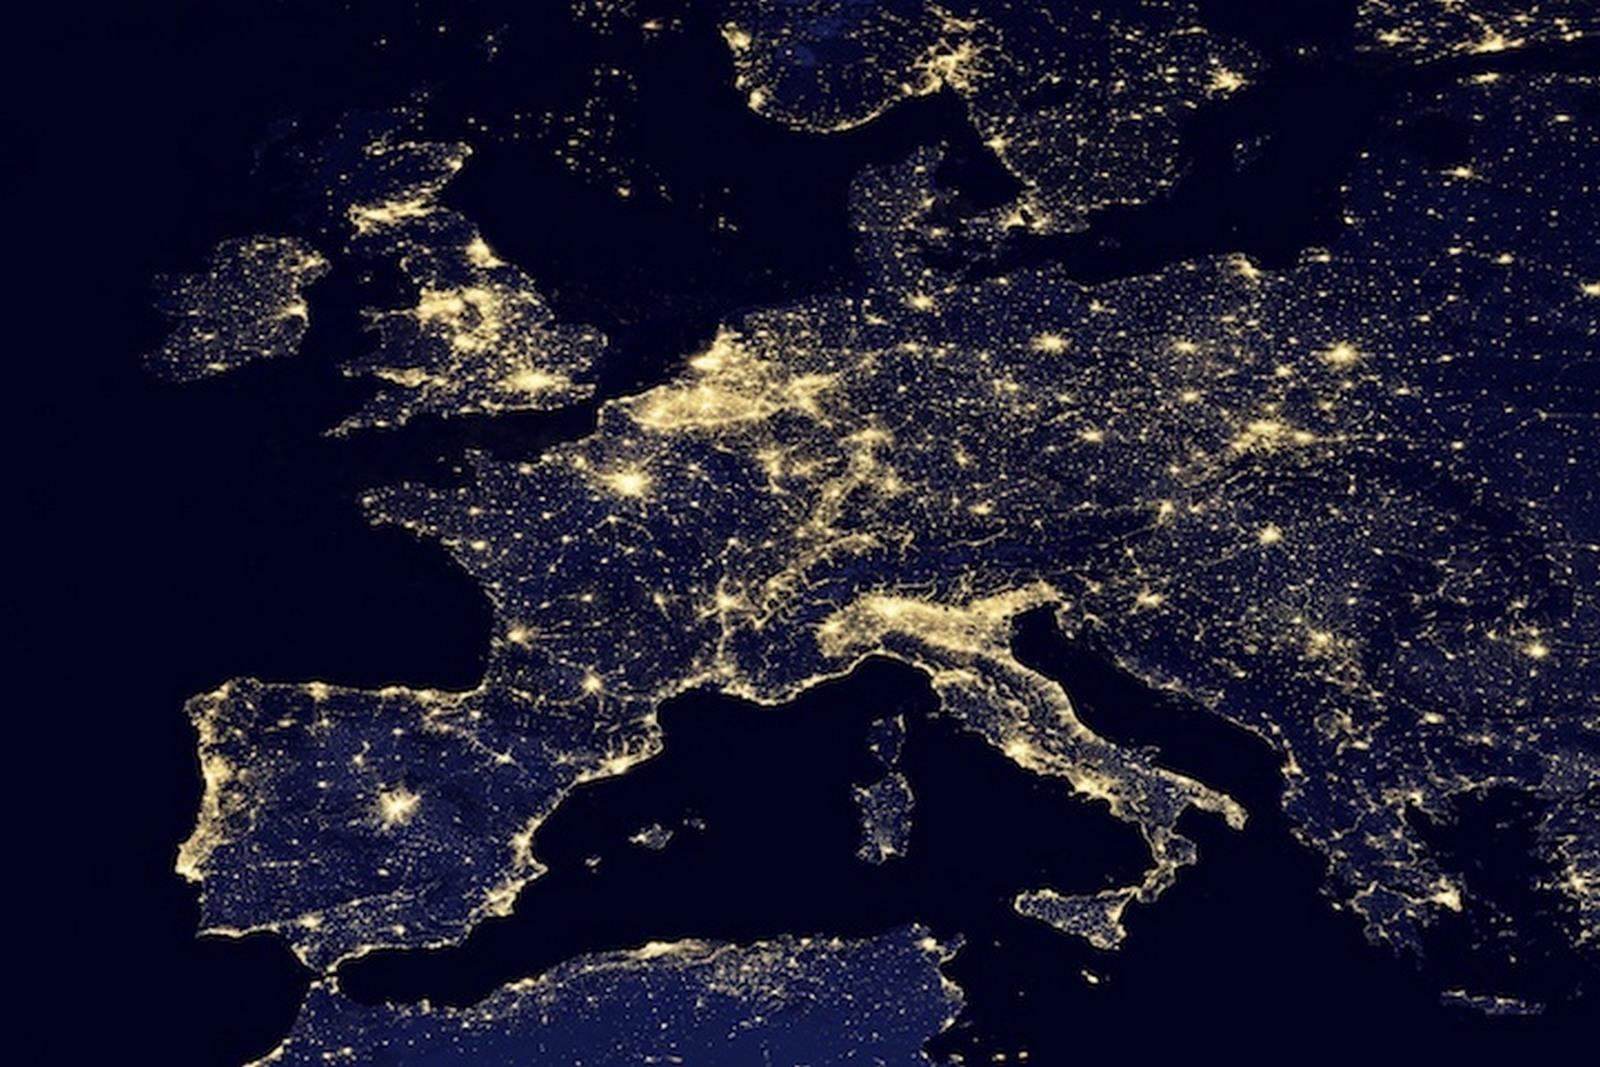 L'Europa vista dal satellite.